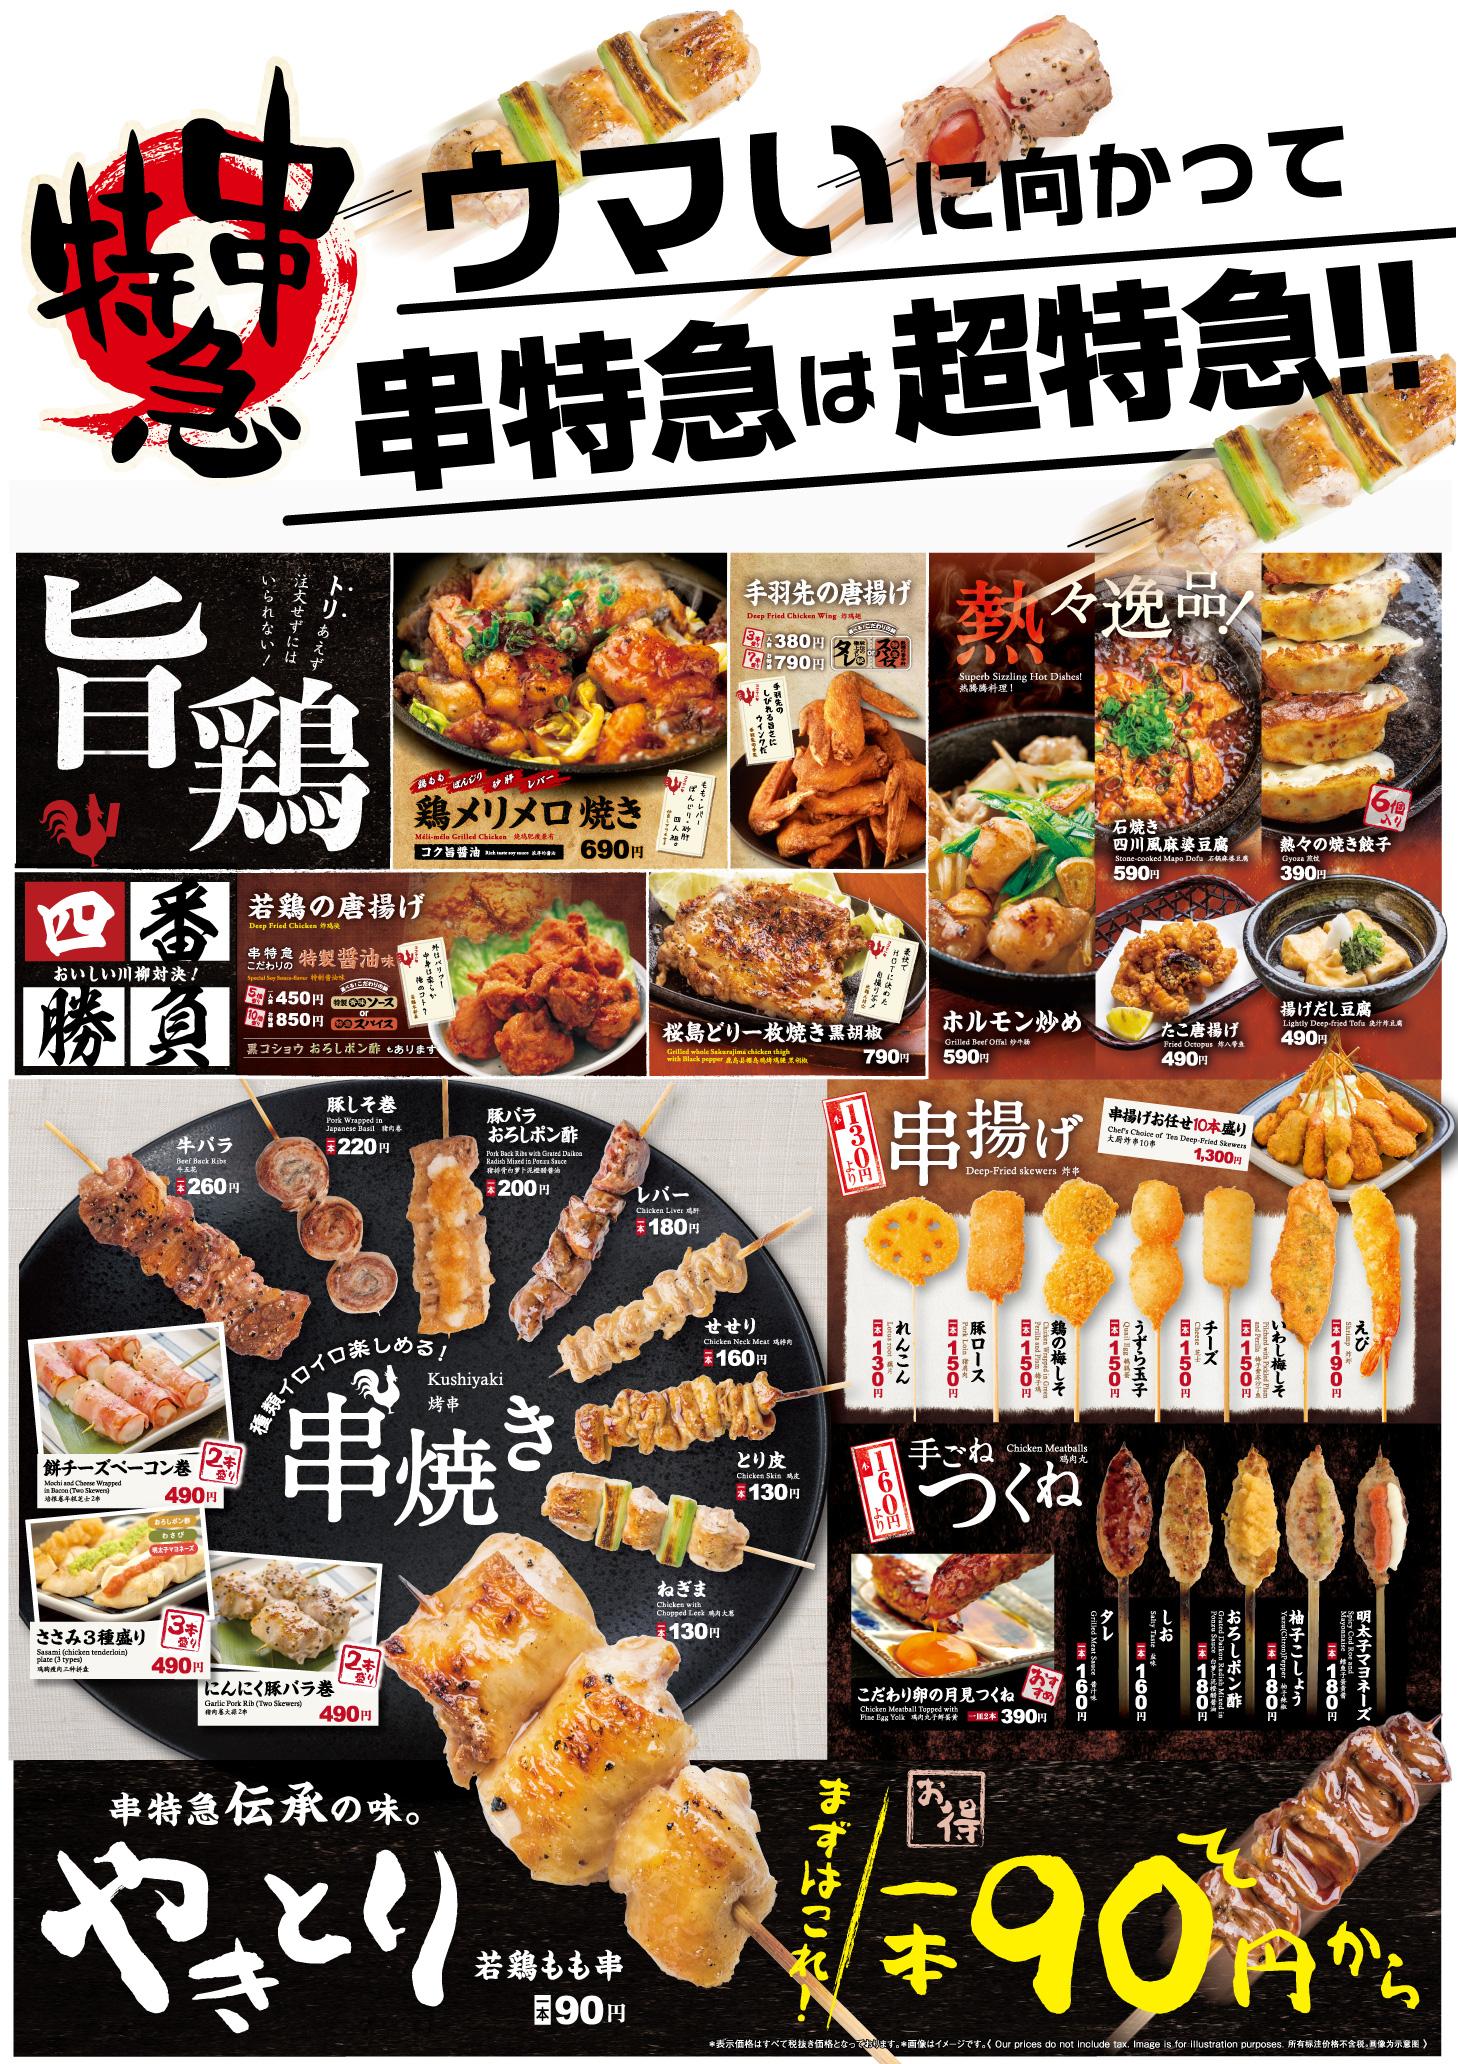 7月23日(月) 【串特急】新グランドメニューがスタート!!